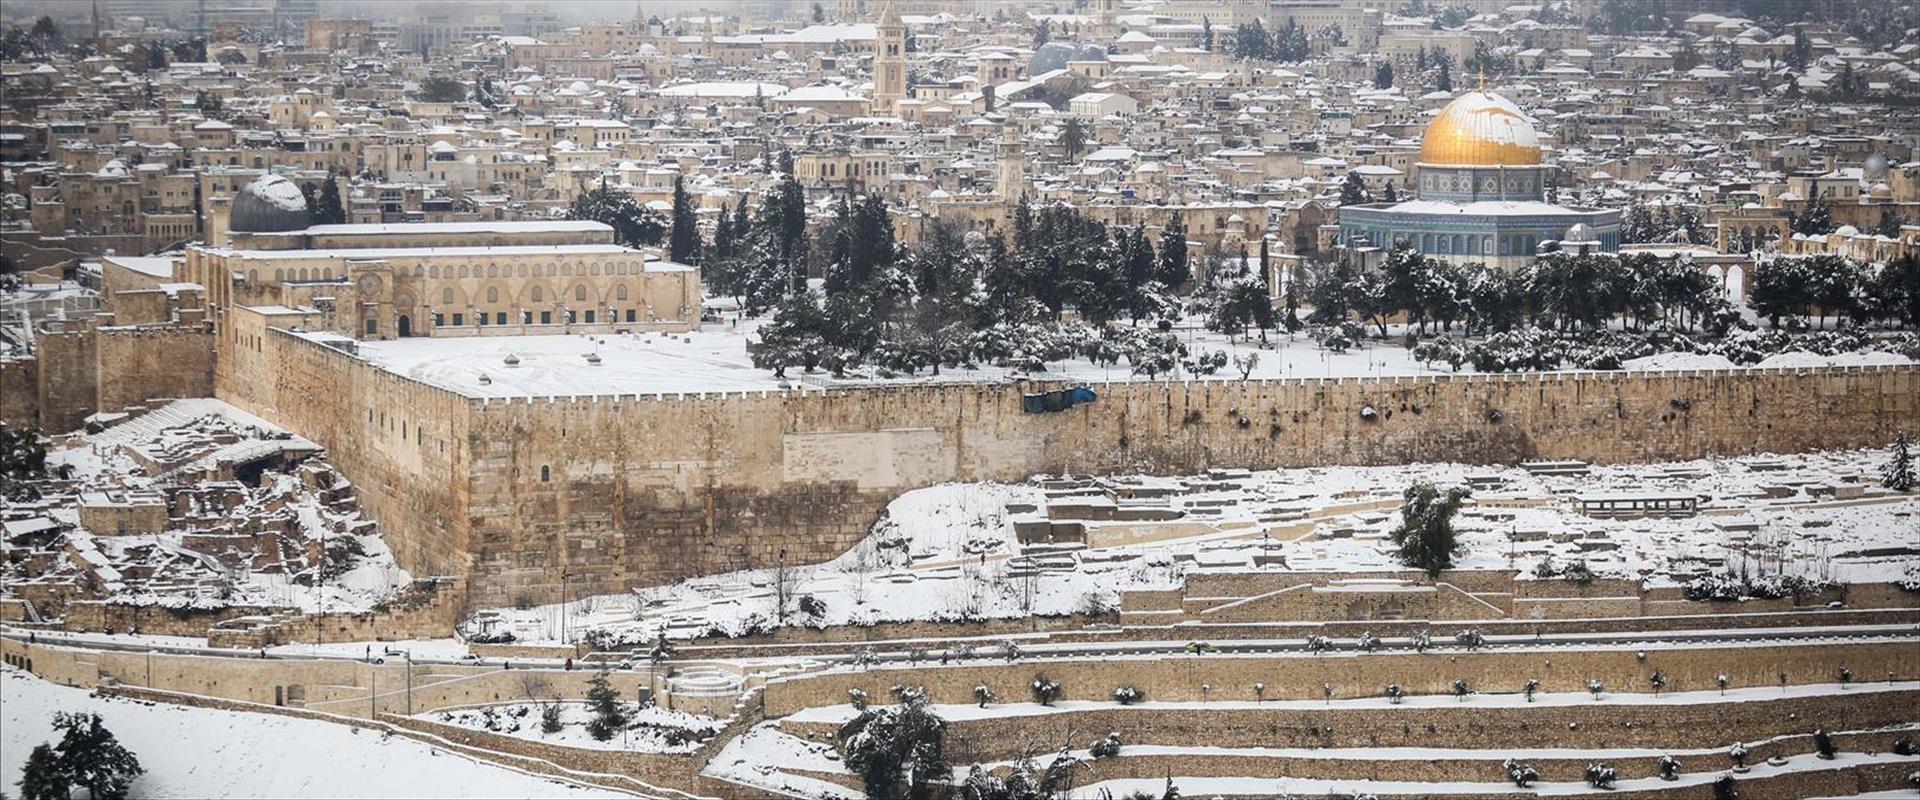 La neige est attendue demain à Jérusalem en Israël